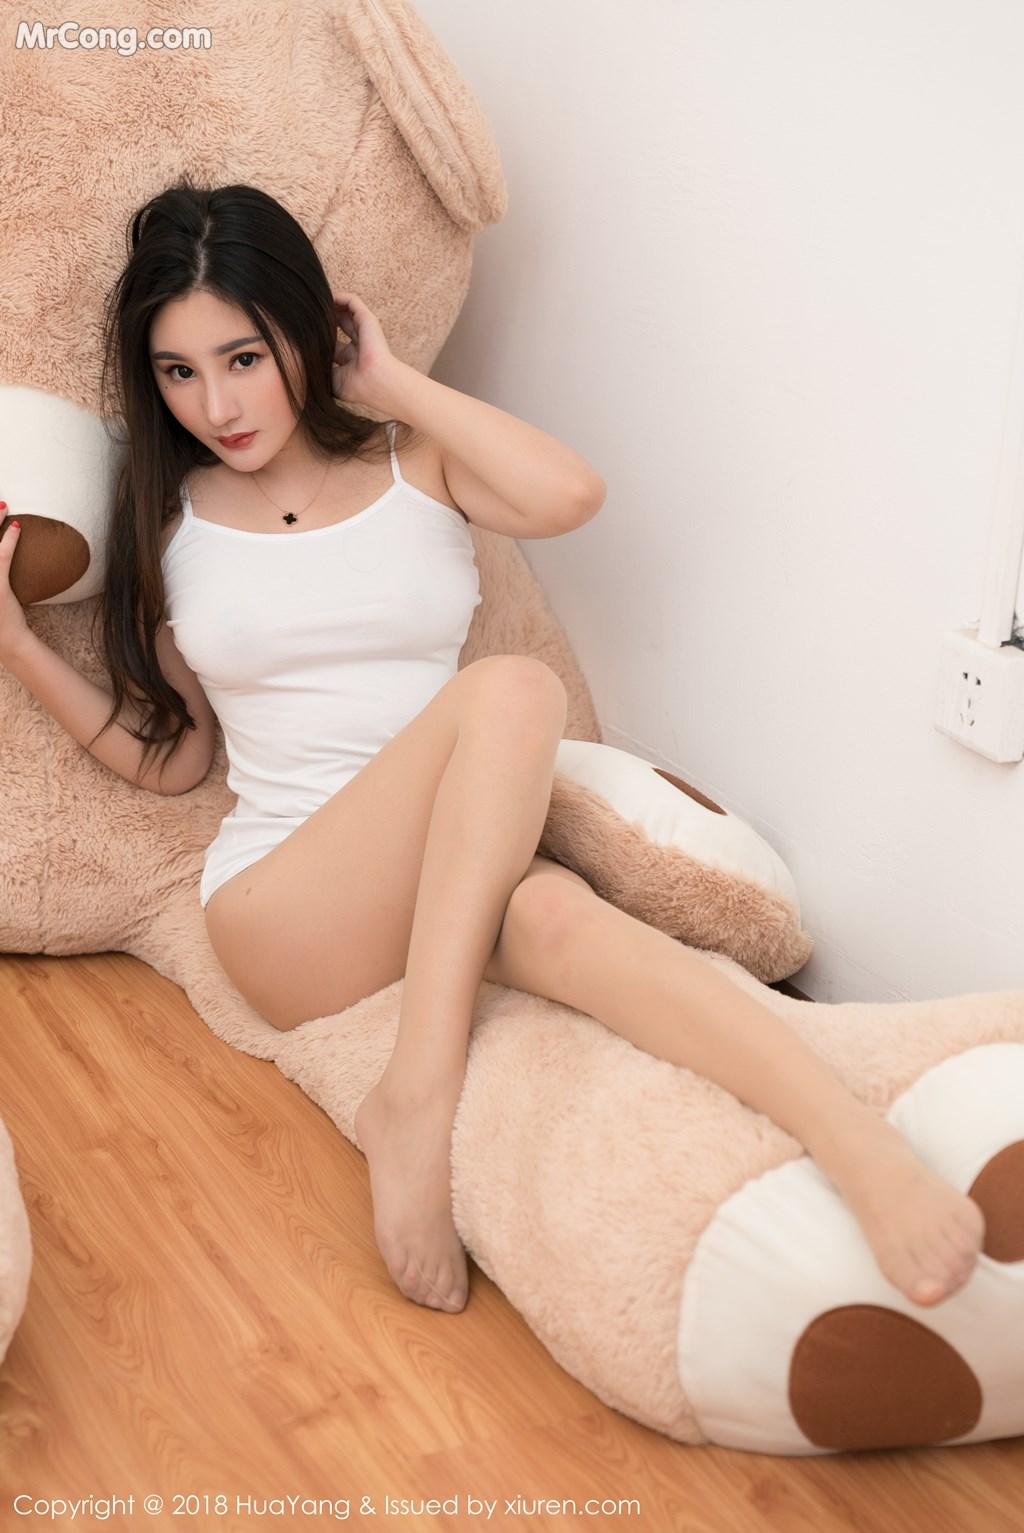 Image HuaYang-2018-03-02-Vol.034-Xiao-Tian-Xin-Candy-MrCong.com-020 in post HuaYang 2018-03-02 Vol.034: Người mẫu Xiao Tian Xin (小甜心Candy) (41 ảnh)